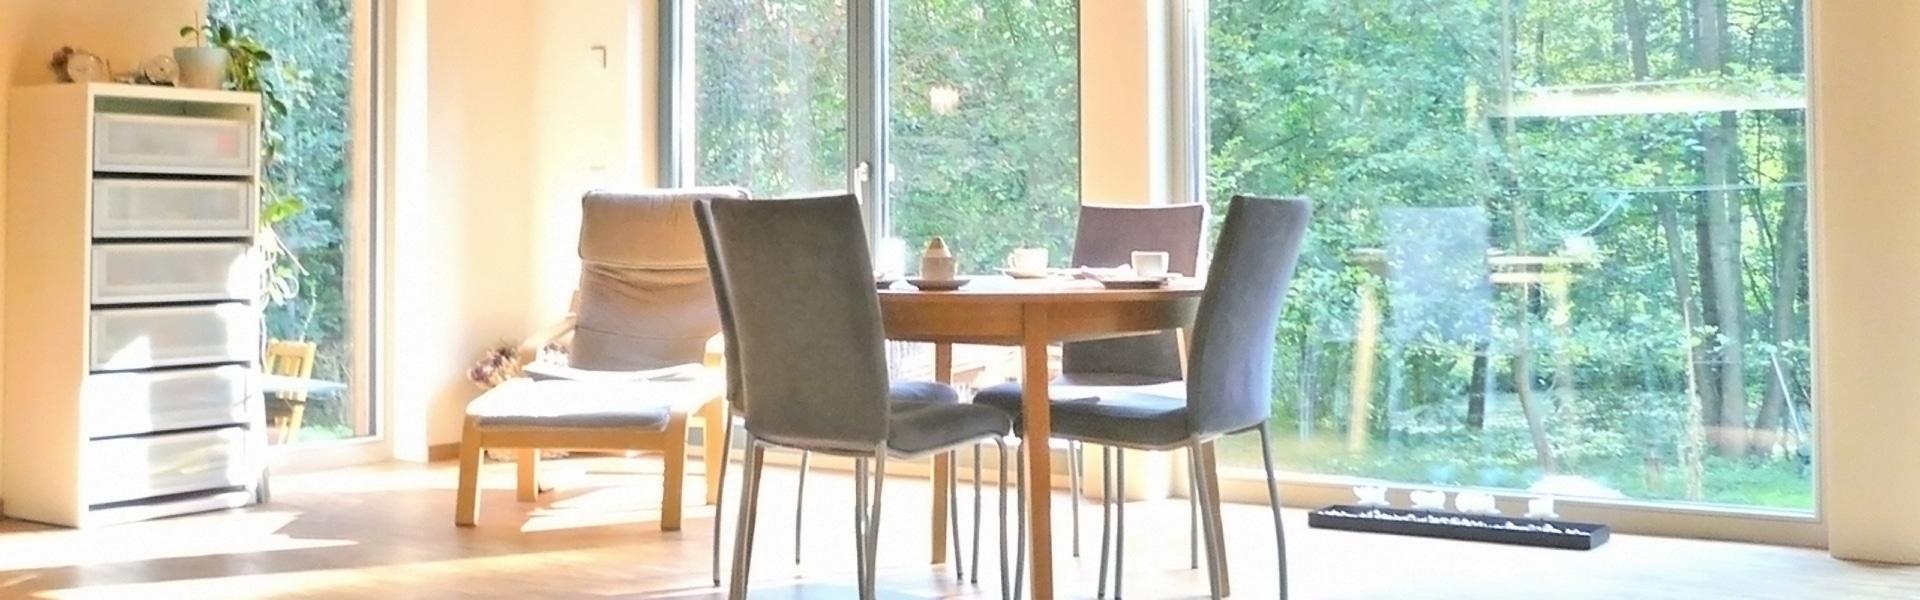 Kontakt zur Arbeitsgemeinschaft Thüringer Holzhaus